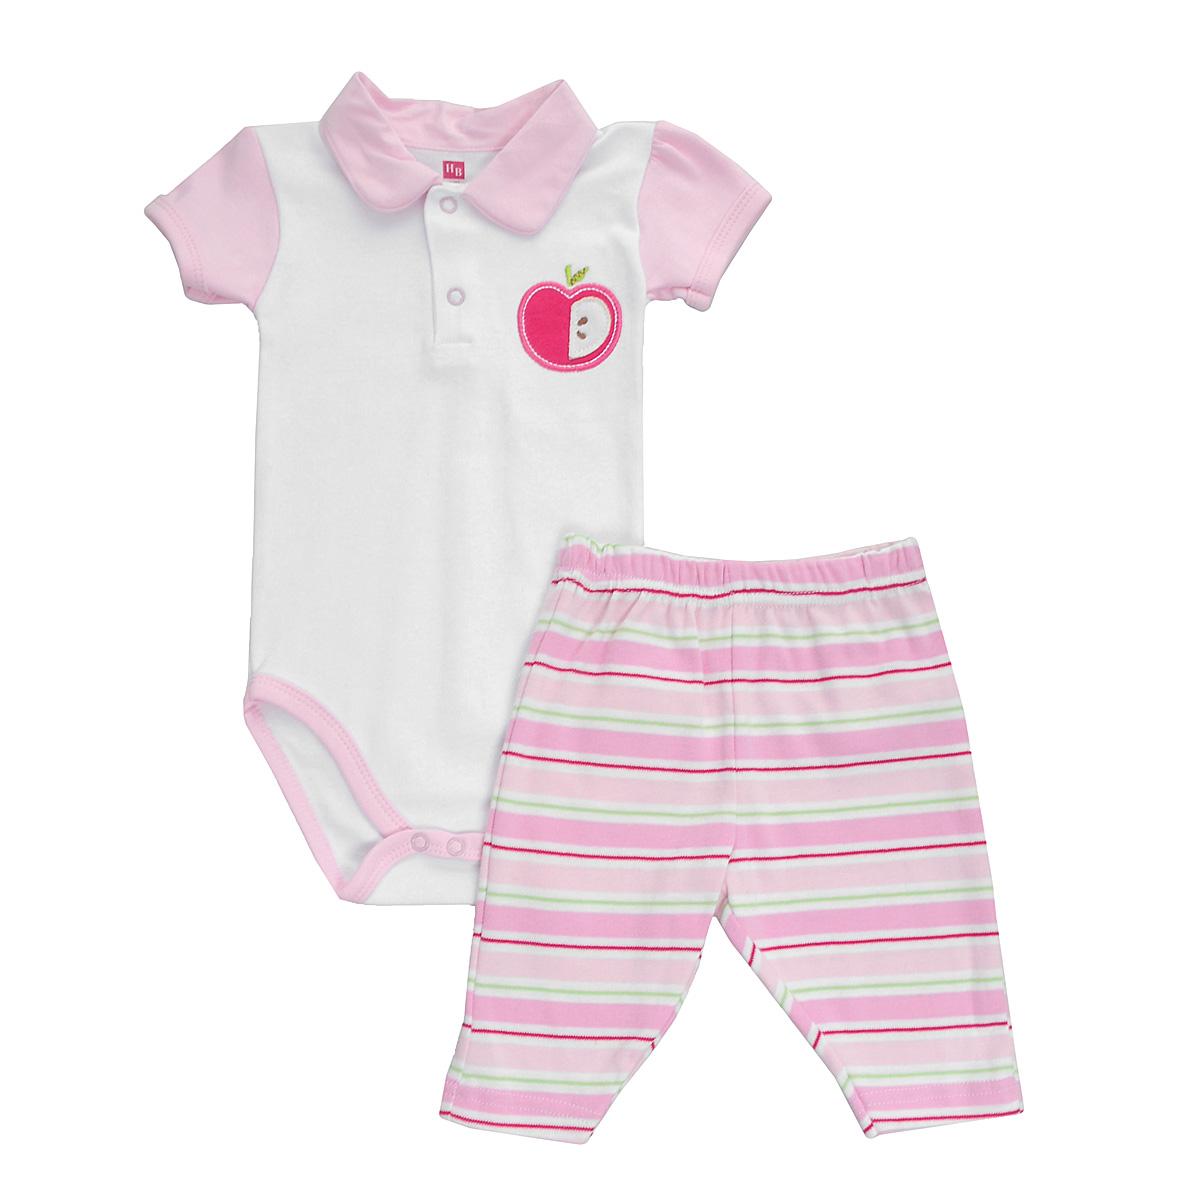 Комплект для девочки Яблоко: боди-поло, штанишки. 5034050340Яркий комплект для новорожденной девочки Hudson Baby Яблоко, состоящий из боди и штанишек, послужит идеальным дополнением к гардеробу вашей малютки, обеспечивая ей наибольший комфорт. Изготовленный из натурального хлопка, он необычайно мягкий и легкий, не раздражает нежную кожу ребенка и хорошо вентилируется, а эластичные швы приятны телу младенца и не препятствуют его движениям. Боди с короткими рукавами и отложным воротничком-поло имеет удобные застежки-кнопки на груди и ластовице, которые помогают легко переодеть малышку и сменить подгузник. На груди оно оформлено нашивкой в виде яблочка. Штанишки благодаря мягкому эластичному поясу не сдавливают животик младенца и не сползают, обеспечивая ему наибольший комфорт. Сзади они дополнены небольшим накладным кармашком. Комплект полностью соответствует особенностям жизни ребенка в ранний период, не стесняя и не ограничивая его в движениях. В нем ваша малышка всегда будет в центре внимания.